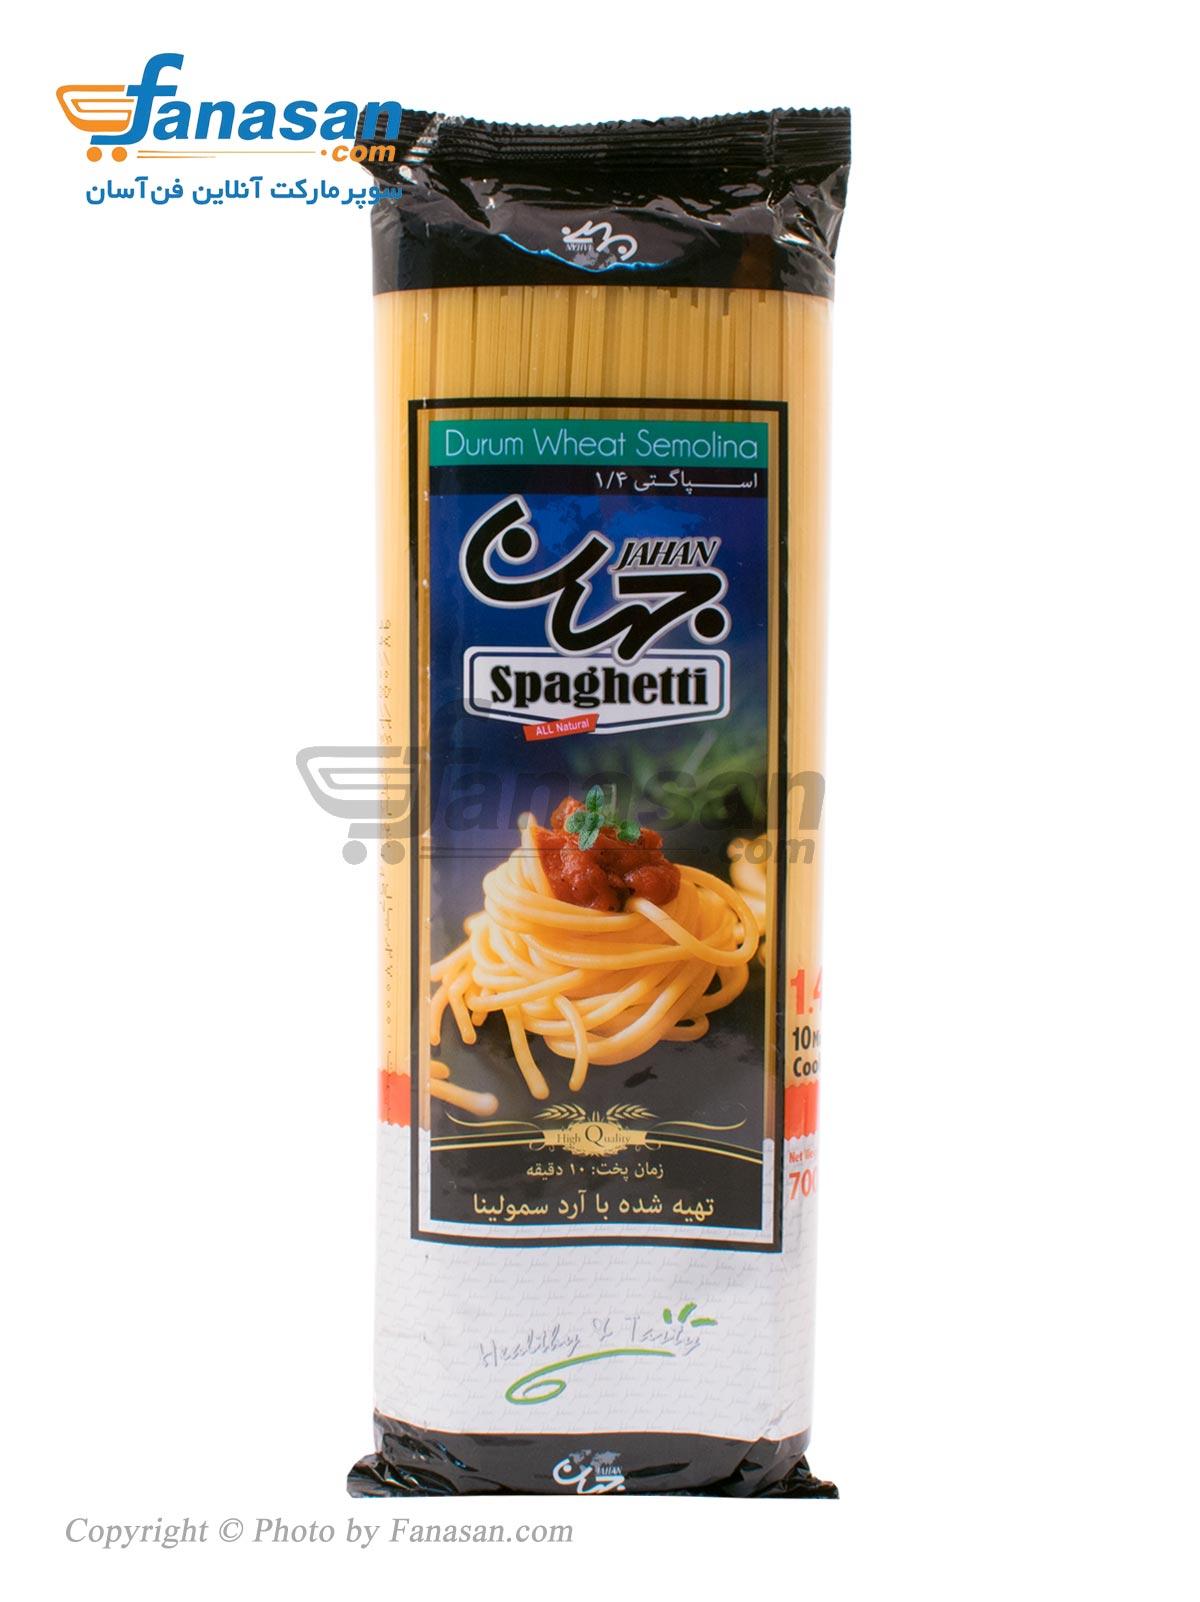 اسپاگتی 1/4 با آرد سمولینا جهان 700 گرم